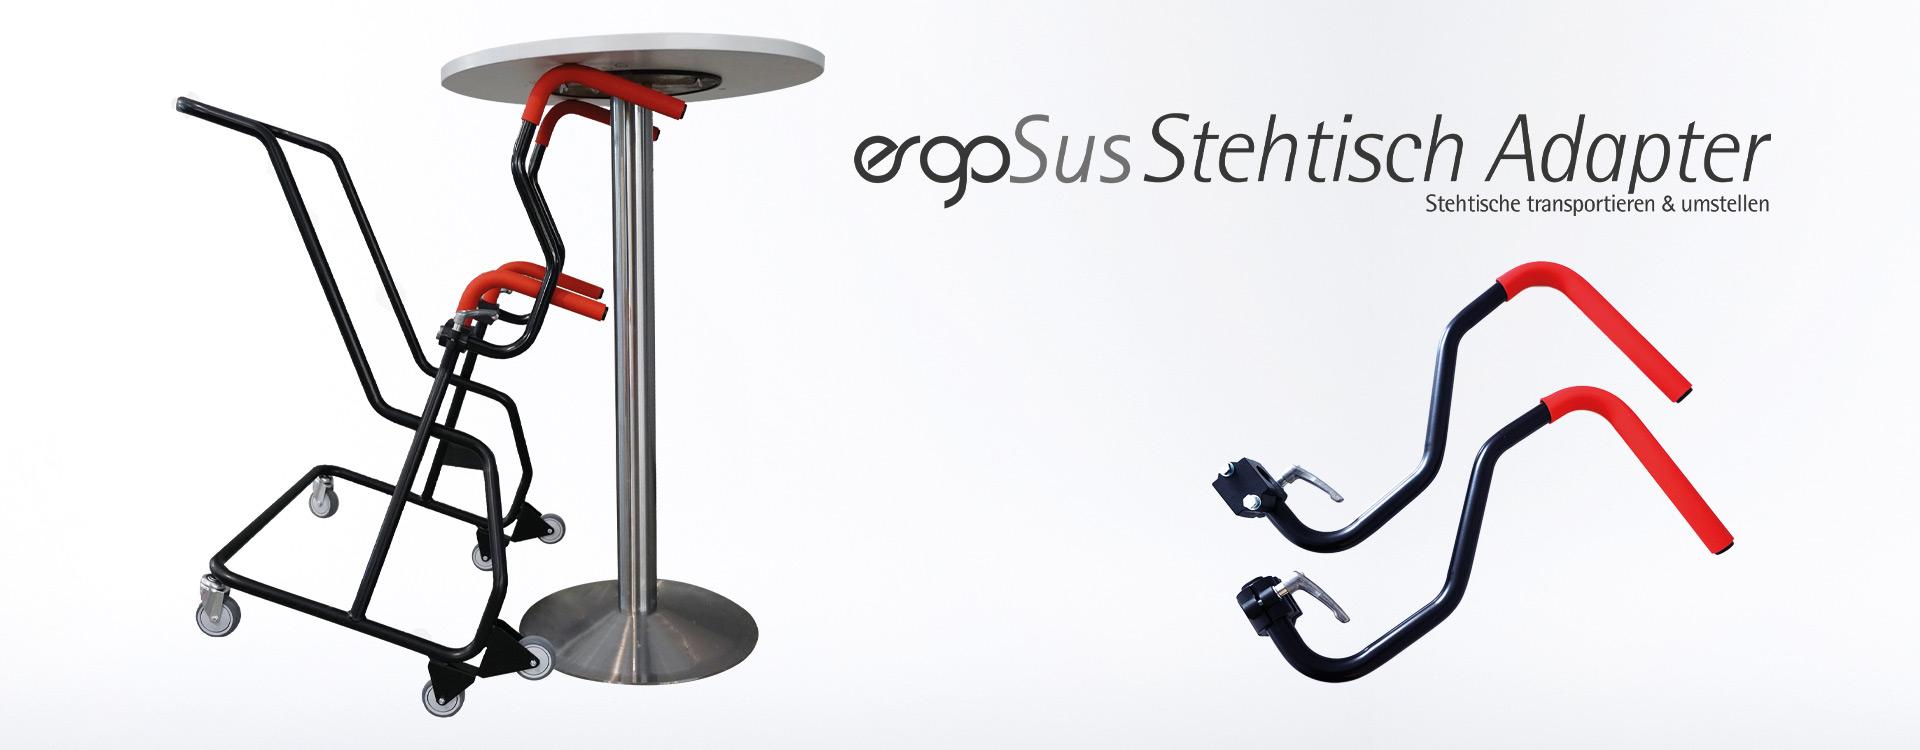 ErgoSus Stehtisch Adapter